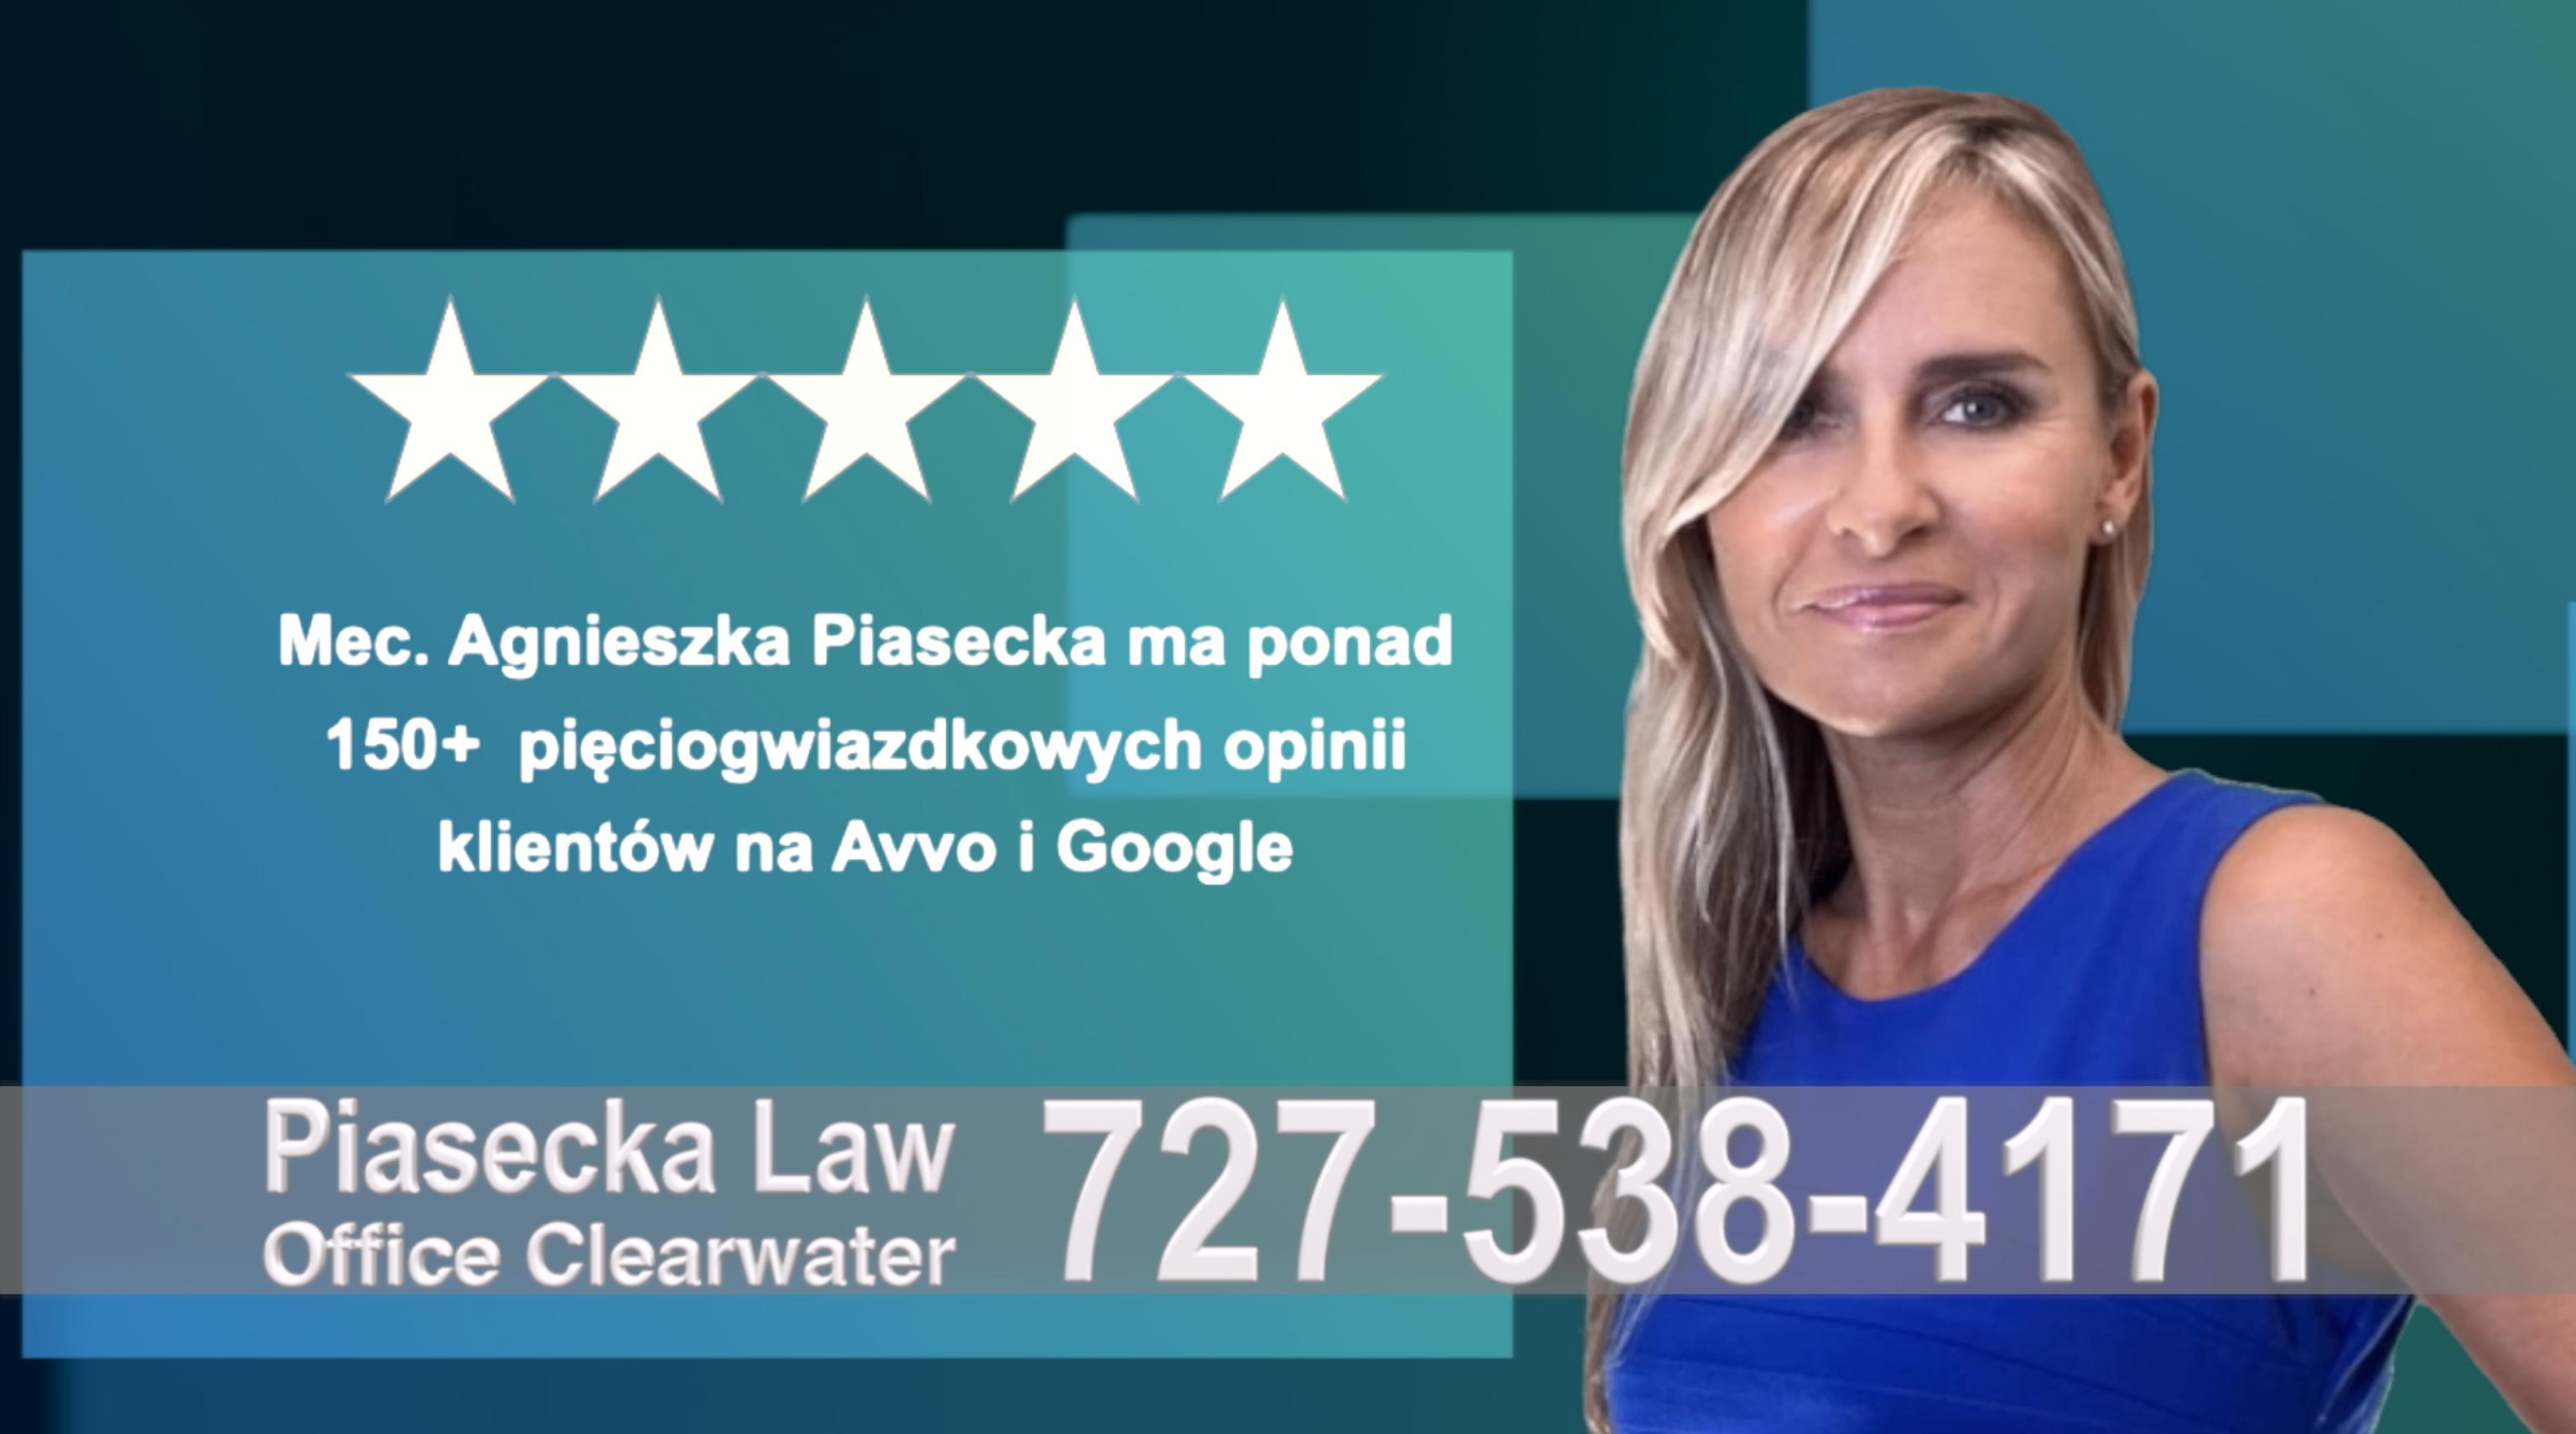 Polish Immigration Attorney Agnieszka, Aga, Piasecka, Polish, Lawyer, Attorney, Opinie klientów, Best, Najlepszy, Polskojęzyczny, Prawnik, Polski, Adwokat, Florida, Floryda, USA 36